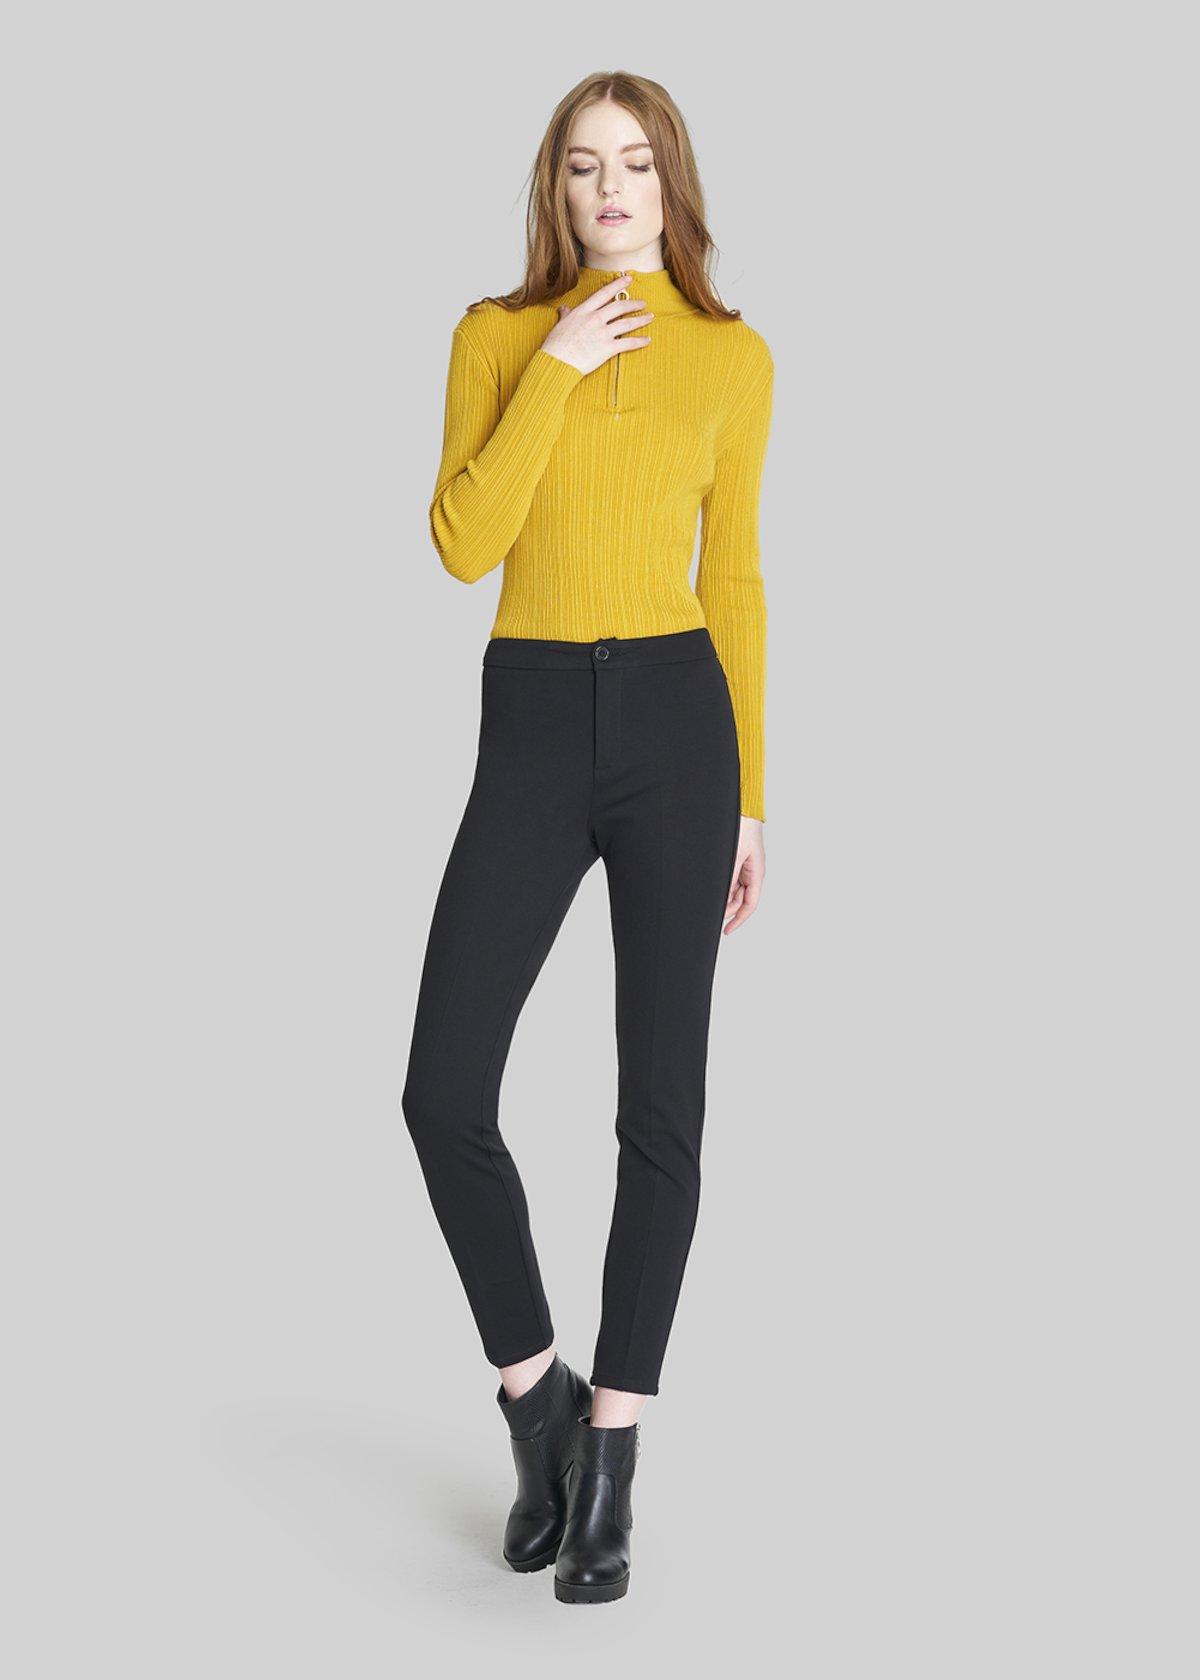 Kate Runner trousers 5 Pocket slim and short leg